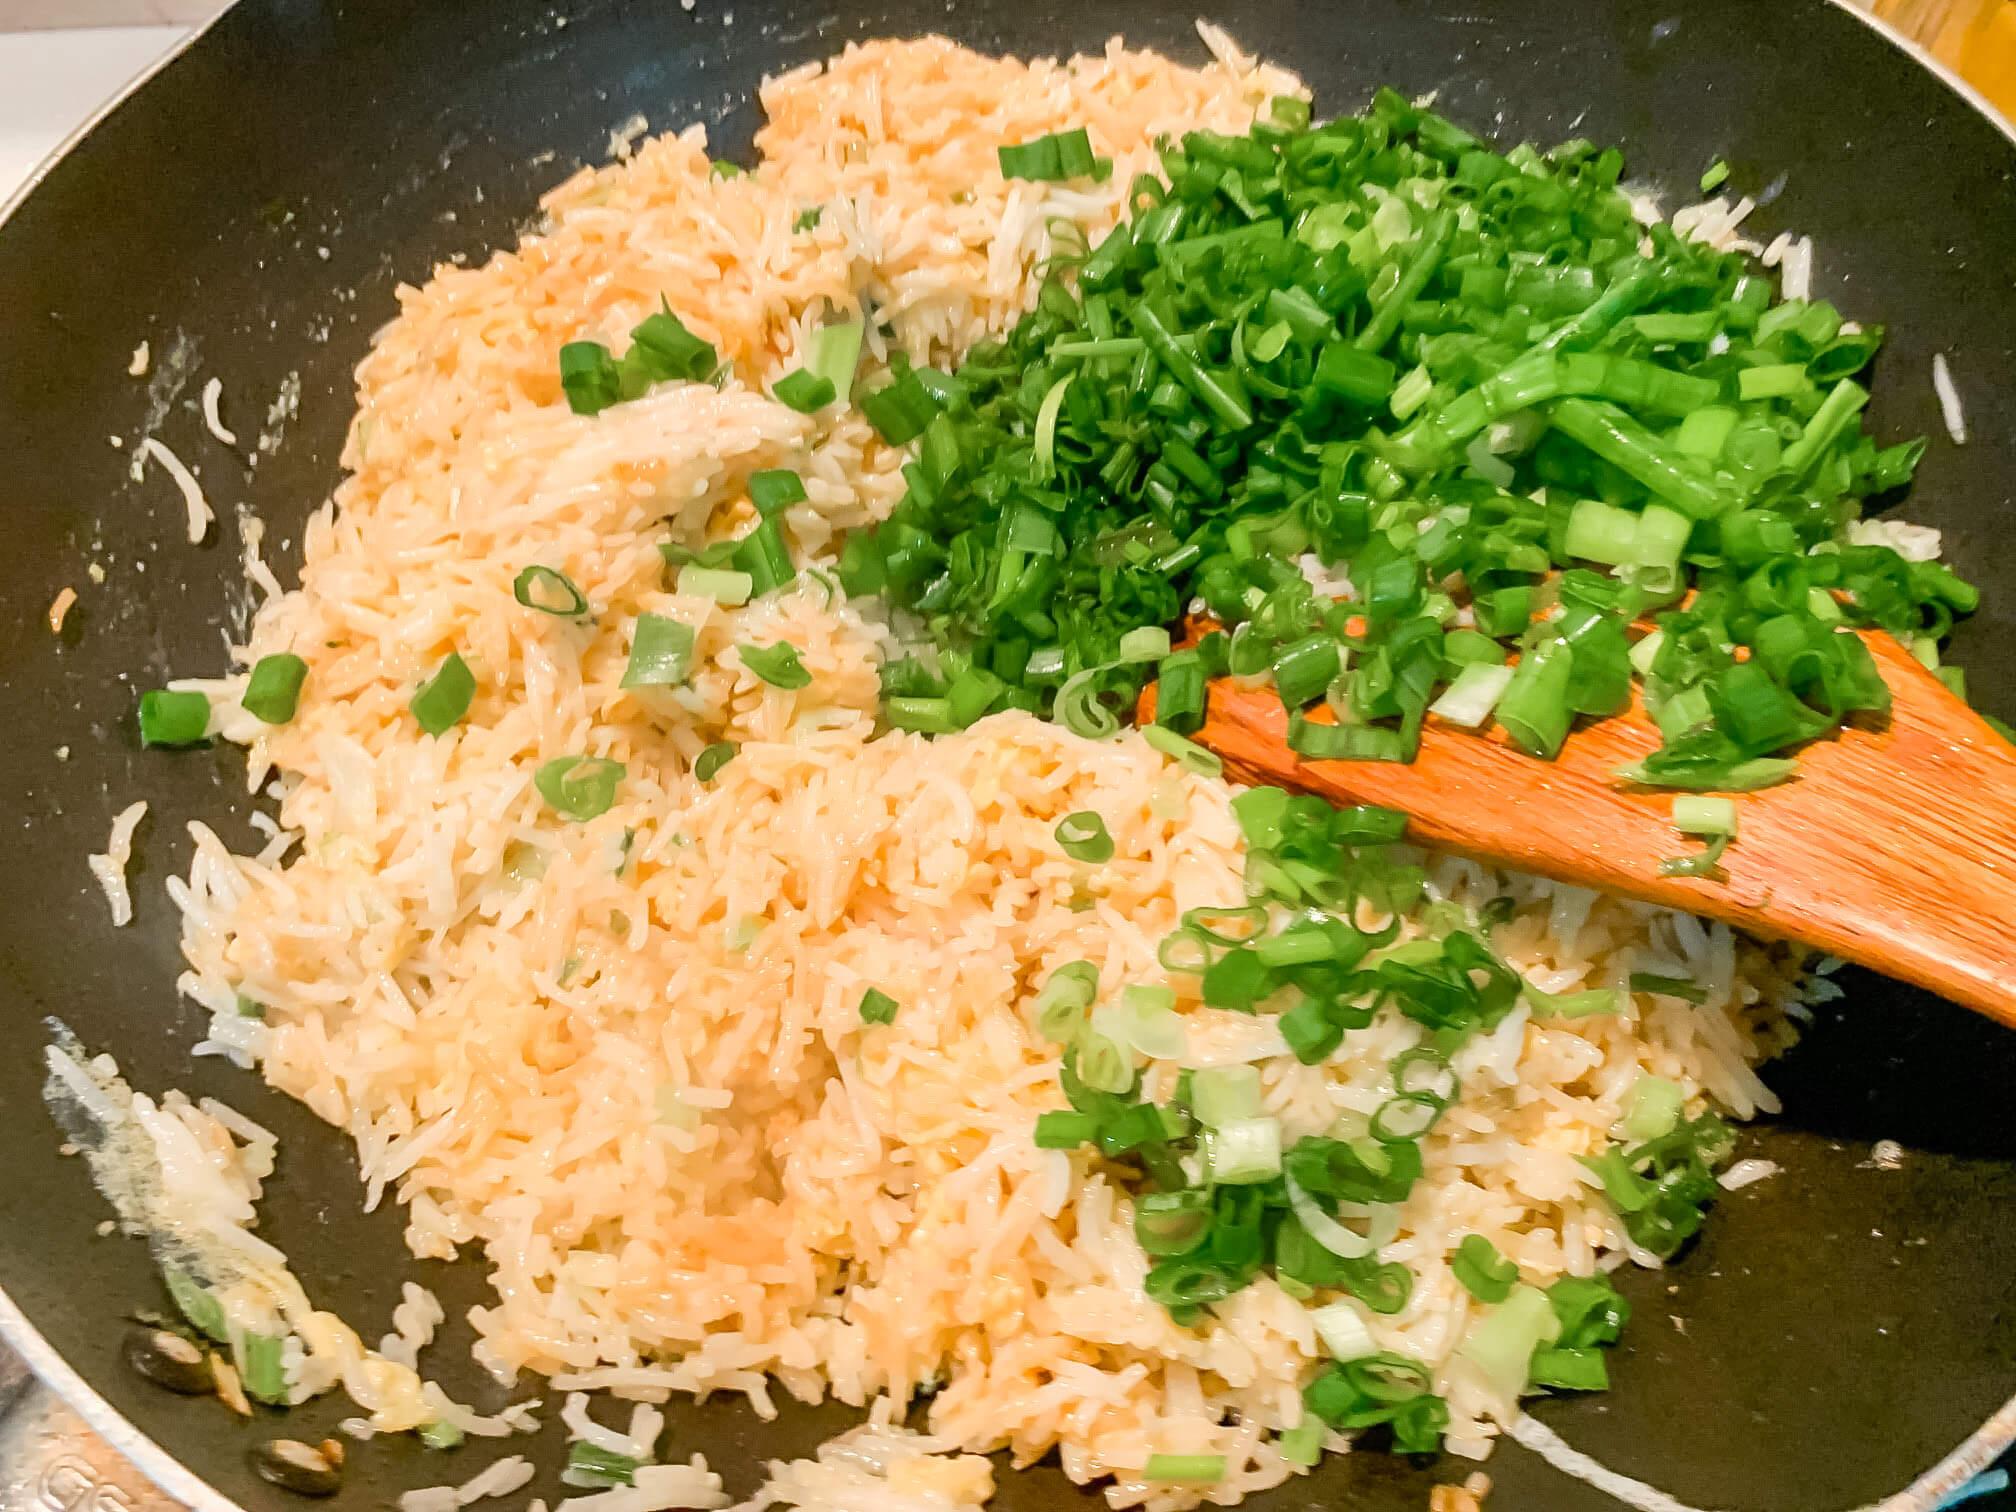 Freshly made egg fried rice.